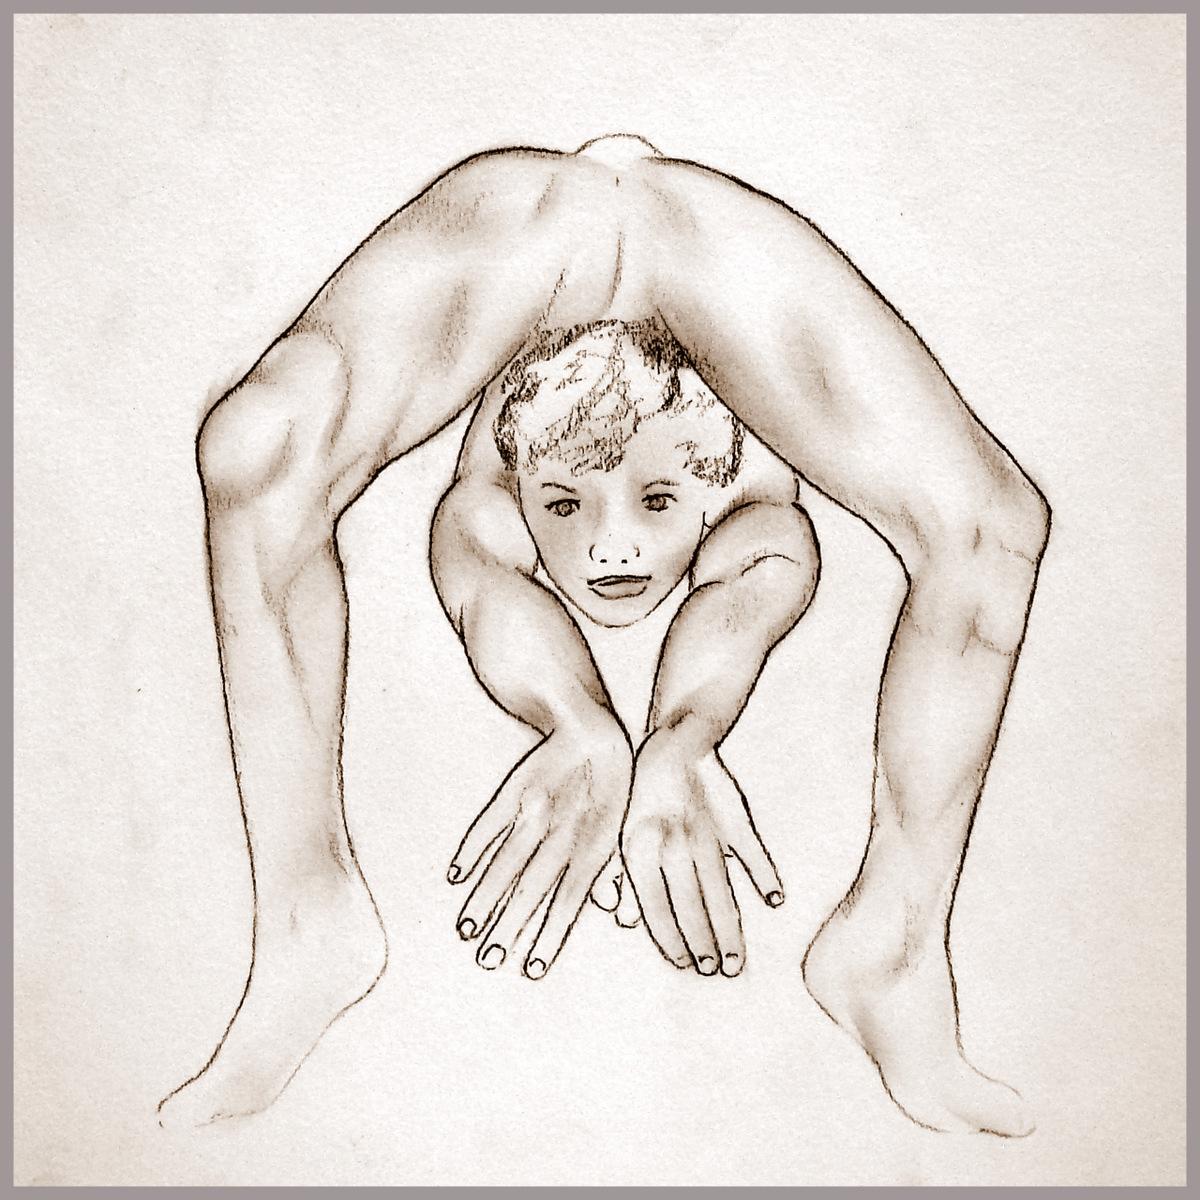 Sportzeichnung: Kontorsionismus zeichnen